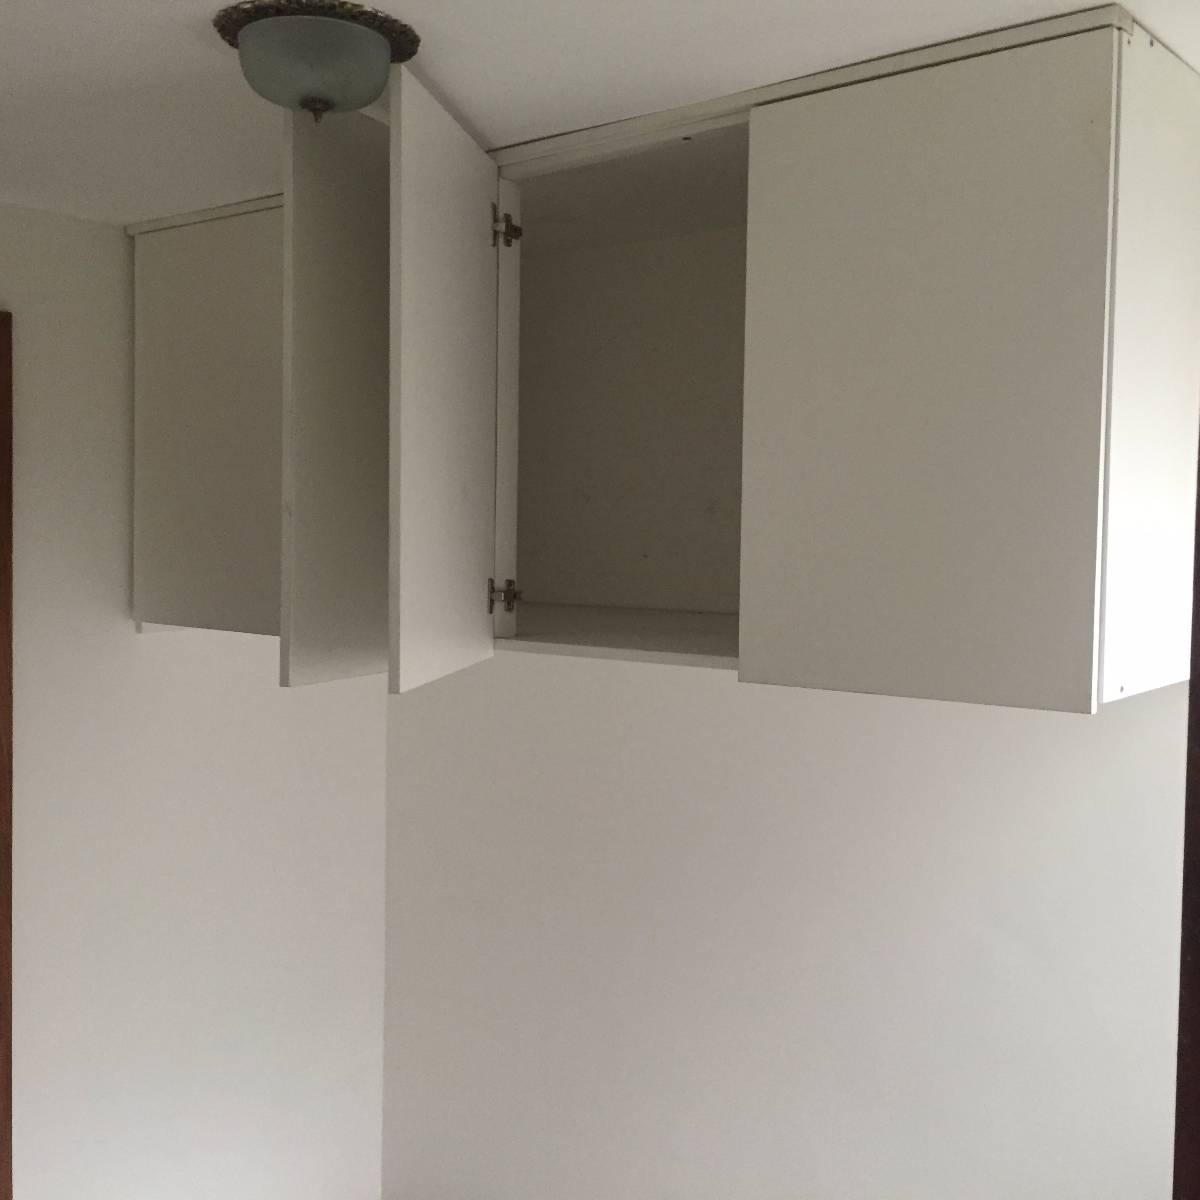 Apartamento para aluguel com 3 Quartos Leblon Rio de Janeiro R$ 7  #494136 1200 1200